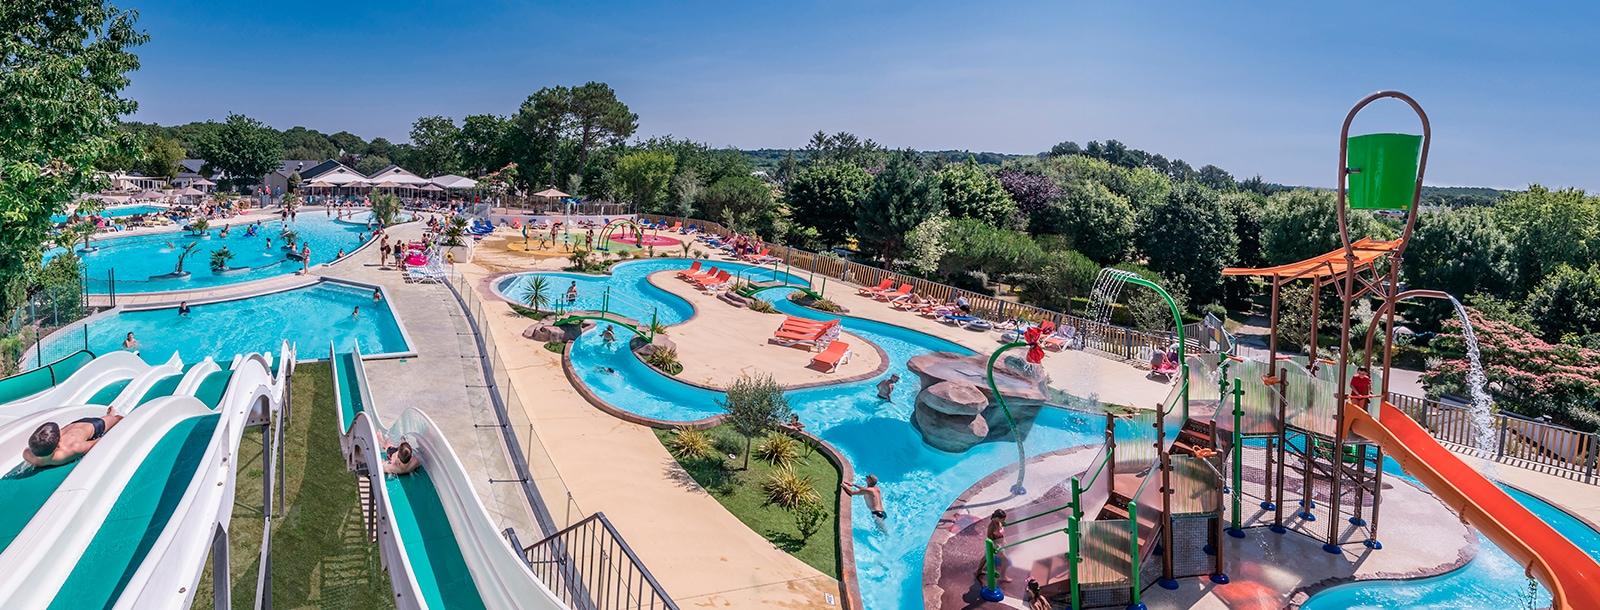 Nieuw Fun waterpark: Het openlucht-waterpark is dubbel!